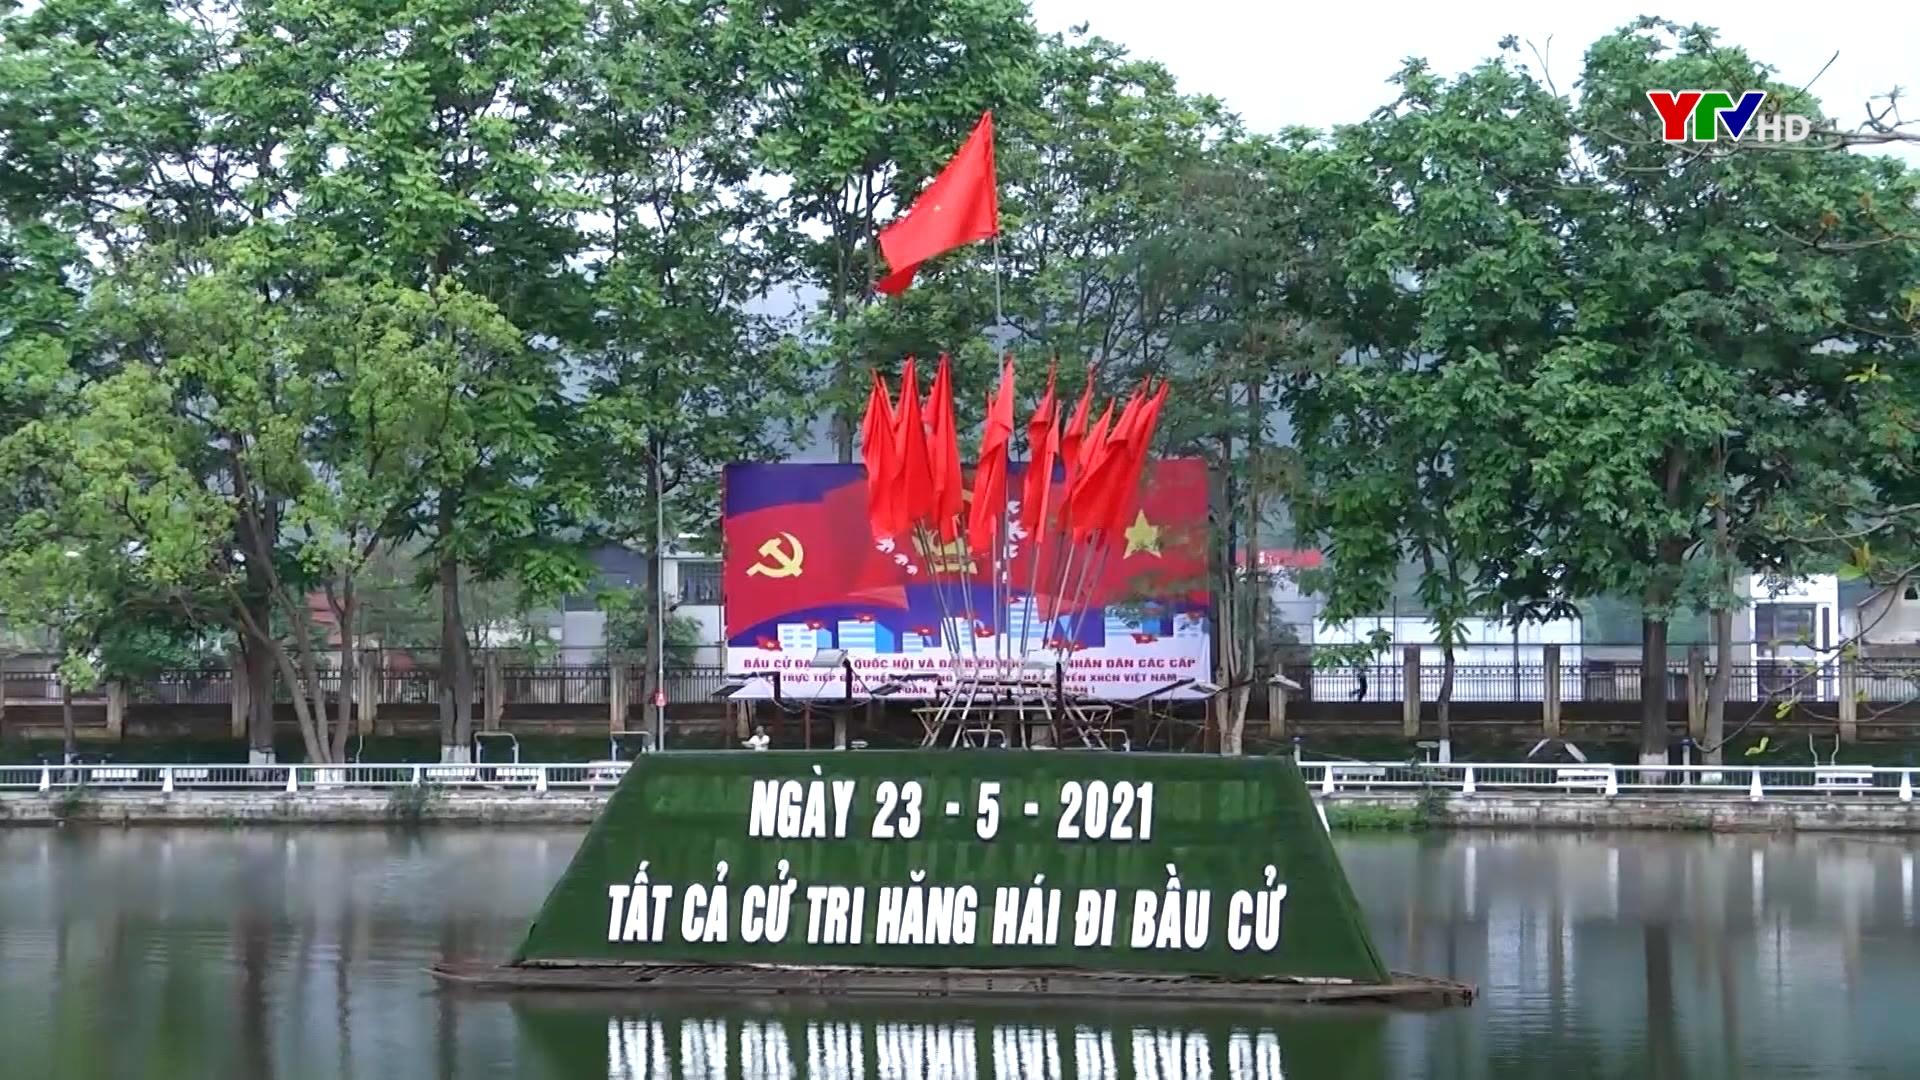 Huyện Văn Yên với Chương trình hành động 18 của Tỉnh uỷ